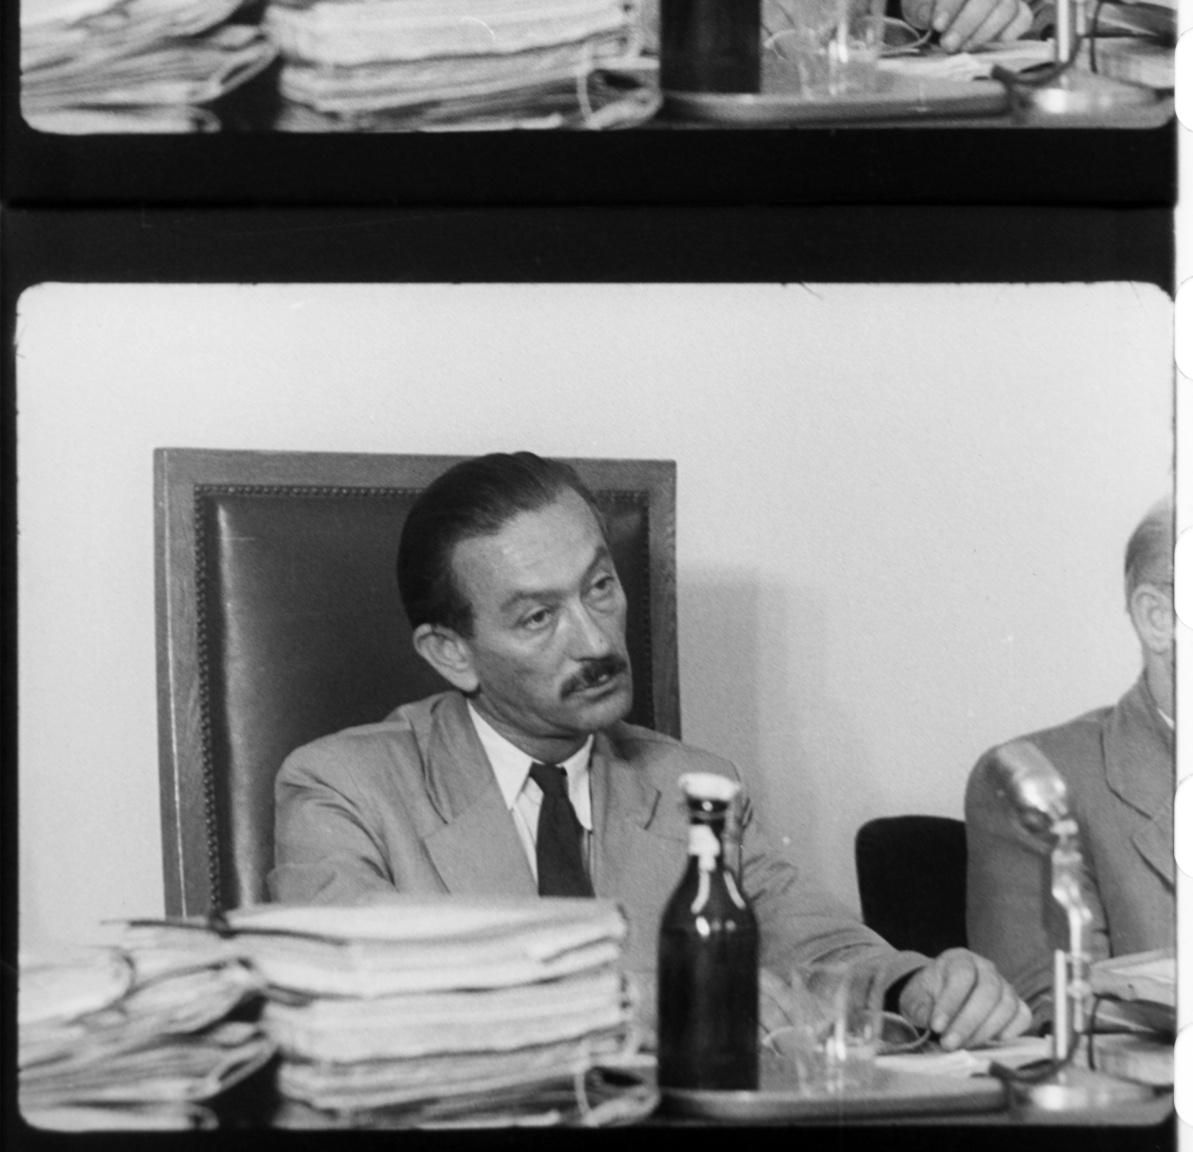 Vida Ferenc, a Nagy Imre-per bírája. A rendszerváltás után csak vérbíróként emlegetett Vida húsz embert ítélt halálra 1956-os tevékenysége miatt. Bár 1989-ben félt a népharagtól, élete végéig azt vallotta, hogy Nagy Imréék bűnösök voltak, az ítélet jogos volt, és nem politikai okokból született, őt nem is lehetett volna befolyásolni.